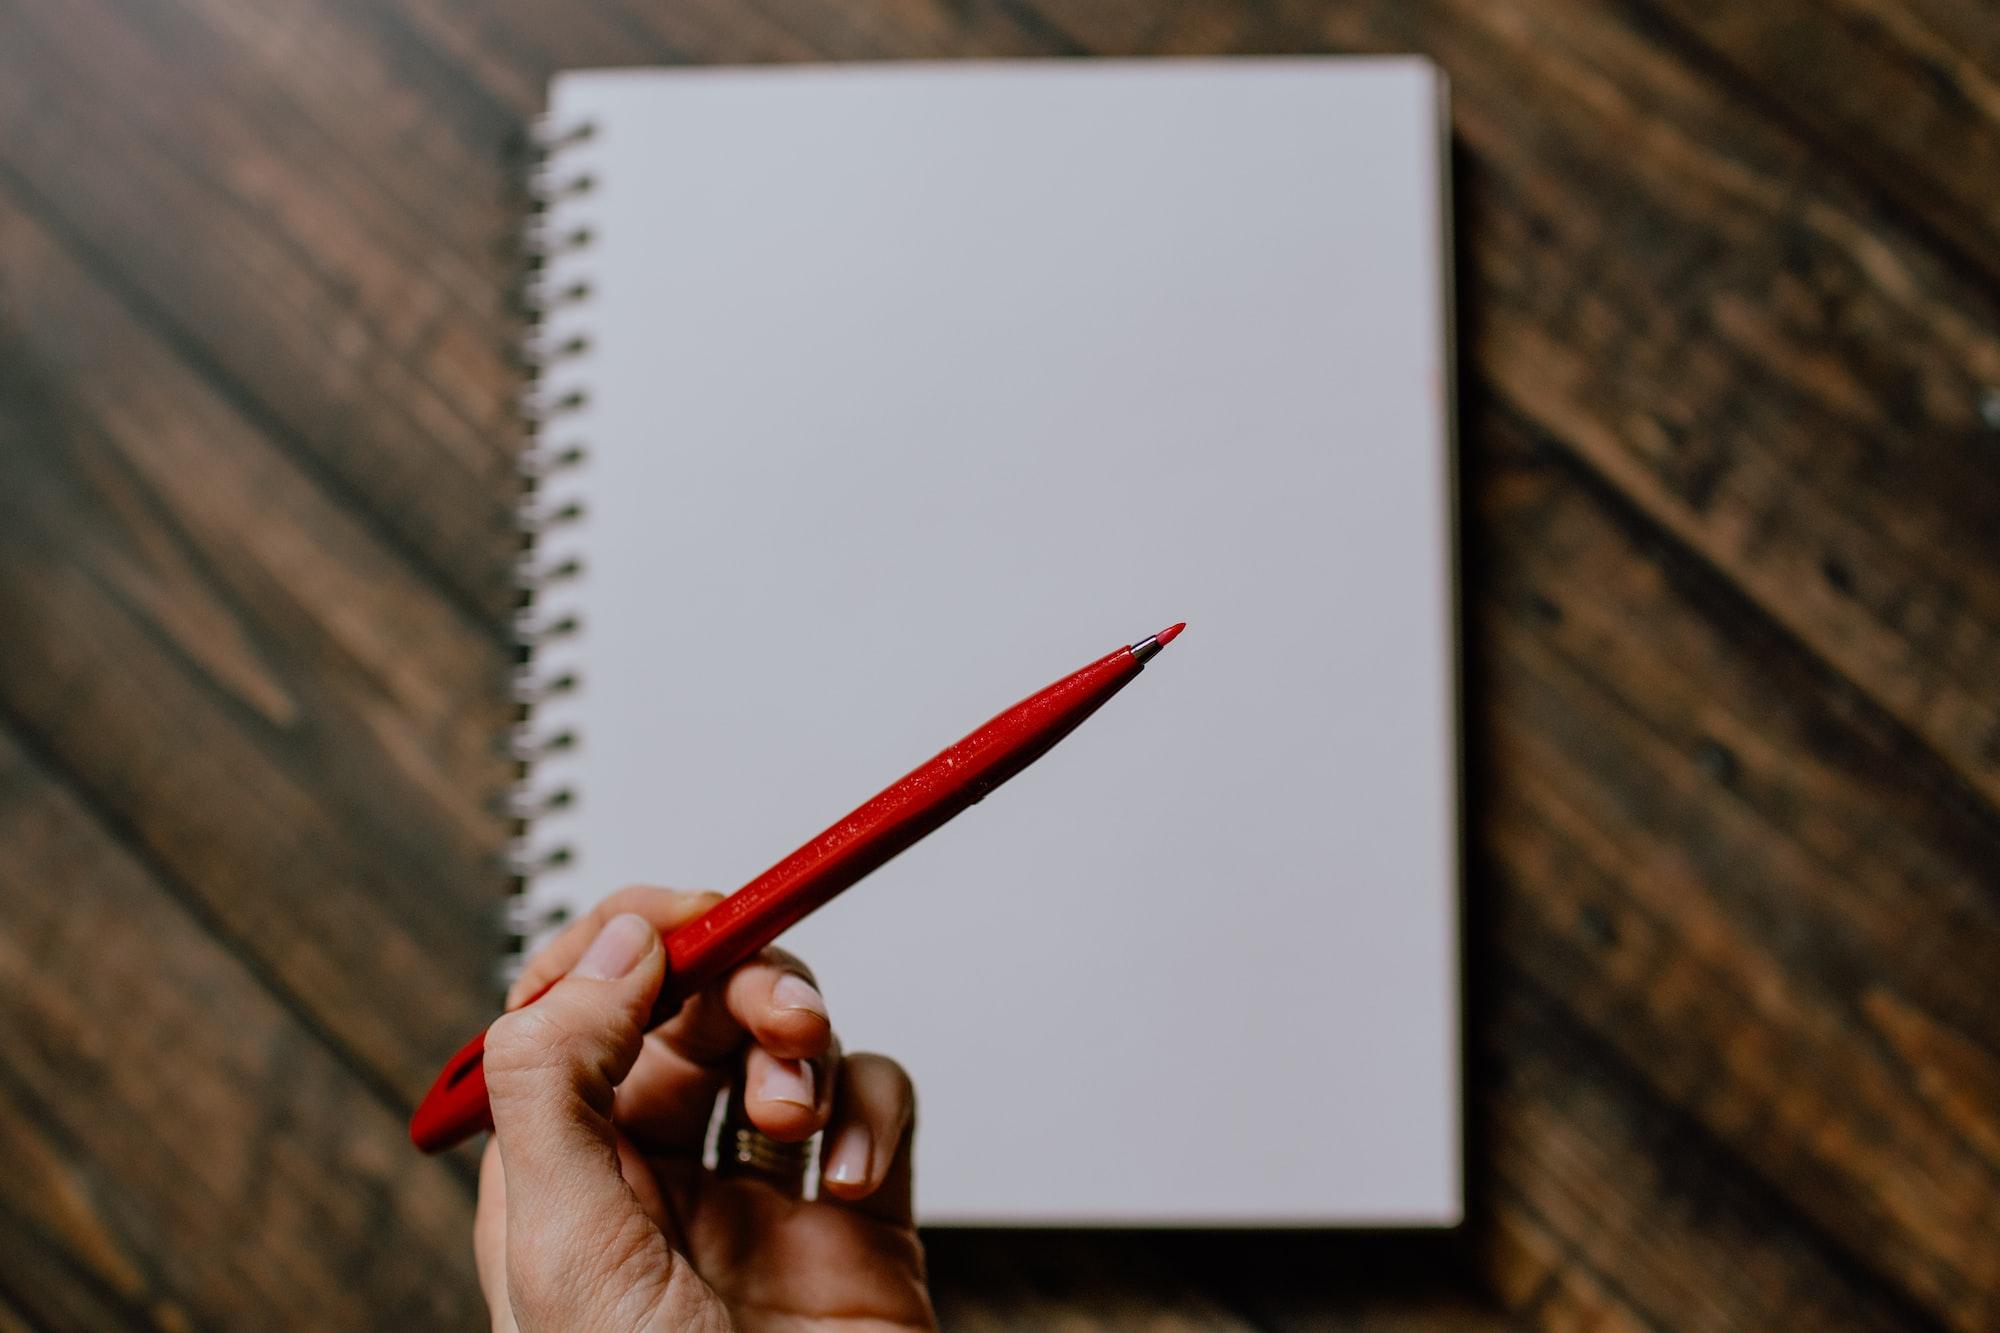 Red felt-tip pen over a blank notebook